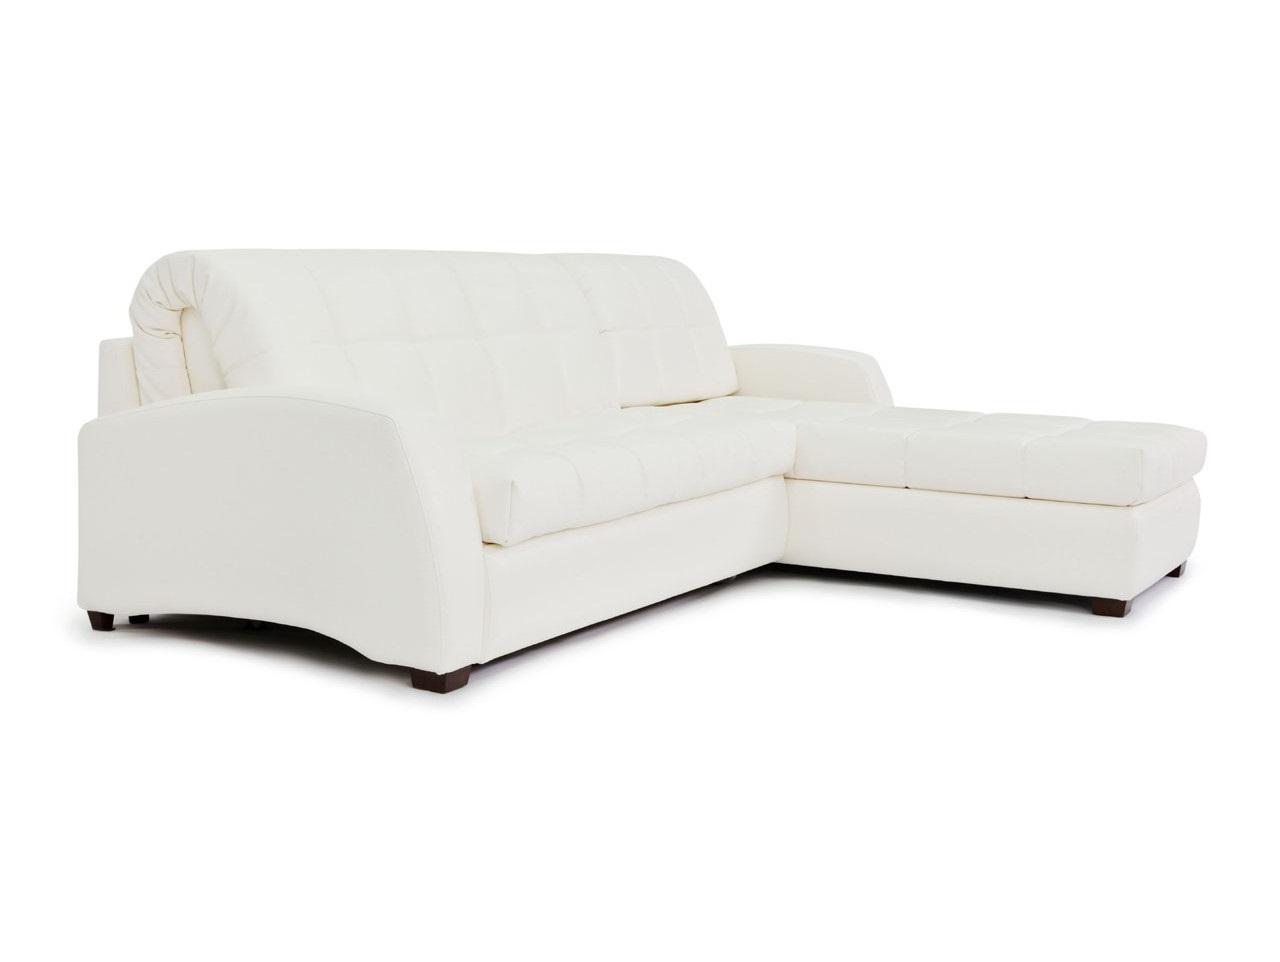 Диван АндреасУгловые раскладные диваны<br>Сегодня модульная мебель становится все более популярной. Этот факт легко объяснить тем, что основное преимущество, которое она обеспечивает - это возможность практично использовать все пространство комнаты любого размера. Именно модульность позволяет дивану Андреас организовывать пространство как самых маленьких, так и просто огромных комнат! А механизм трансформации Аккордеон в основе дивана Андреас, позволяет использовать его как полноценное спальное место&amp;nbsp;Декоративные подушки в комплект не входят.&amp;nbsp;Большой выбор обивочных тканей (подробности уточняйте у менеджера).<br><br>kit: None<br>gender: None